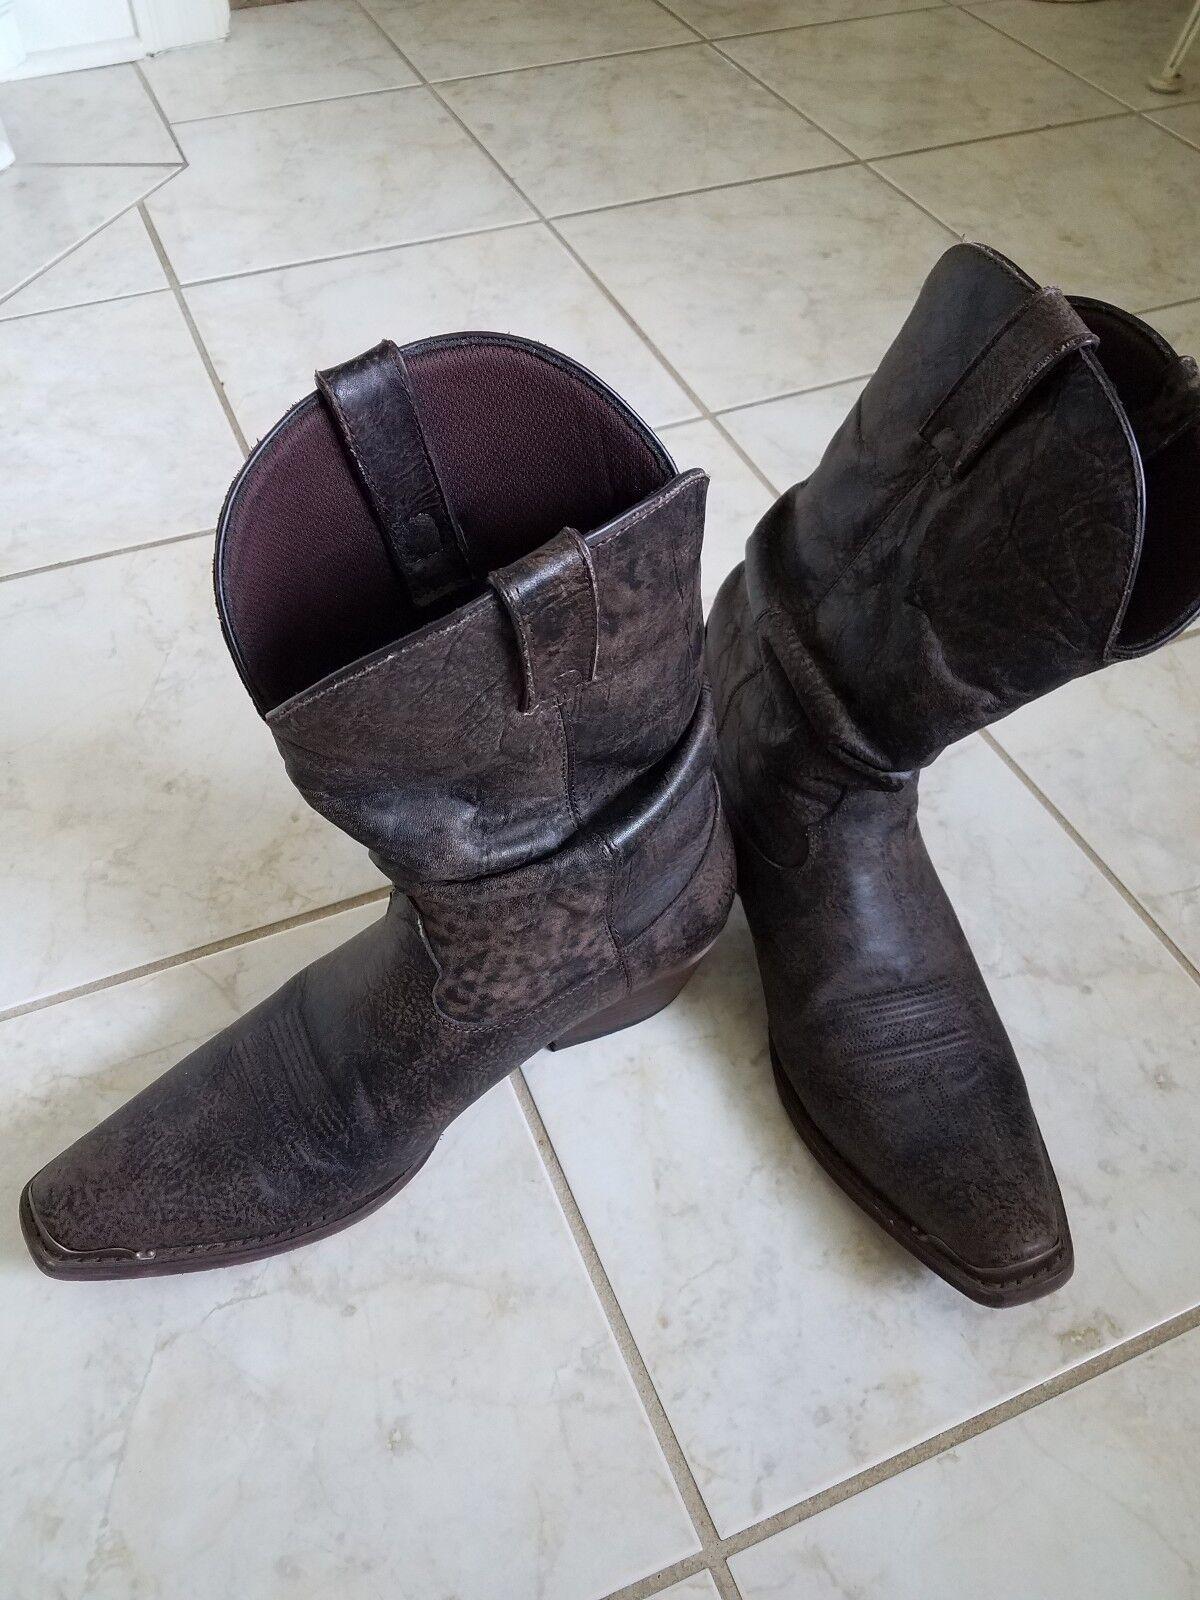 men's brown leather slouch cowboy boots Durango 11D EUC